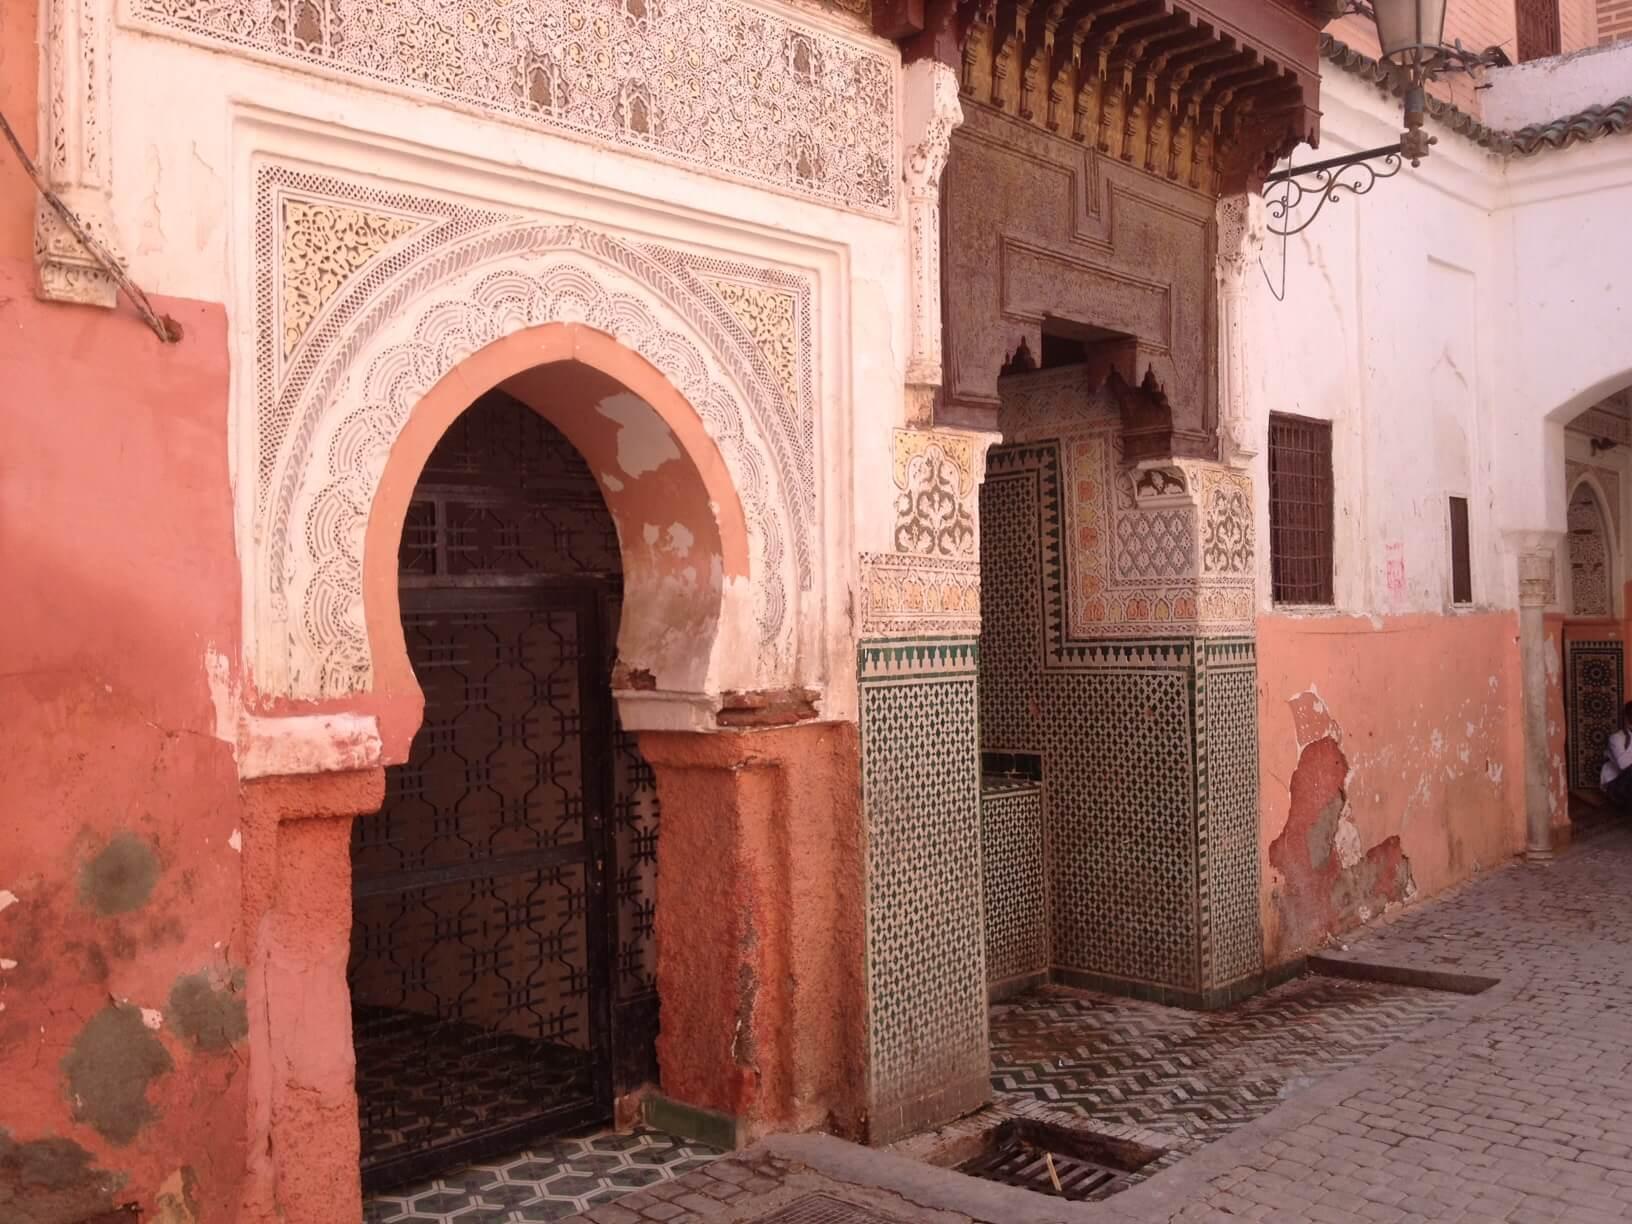 nordeingang der Zaouia Sidi Benslimane in der Nähe vom Hotel in Marrakesch La Maison Nomade